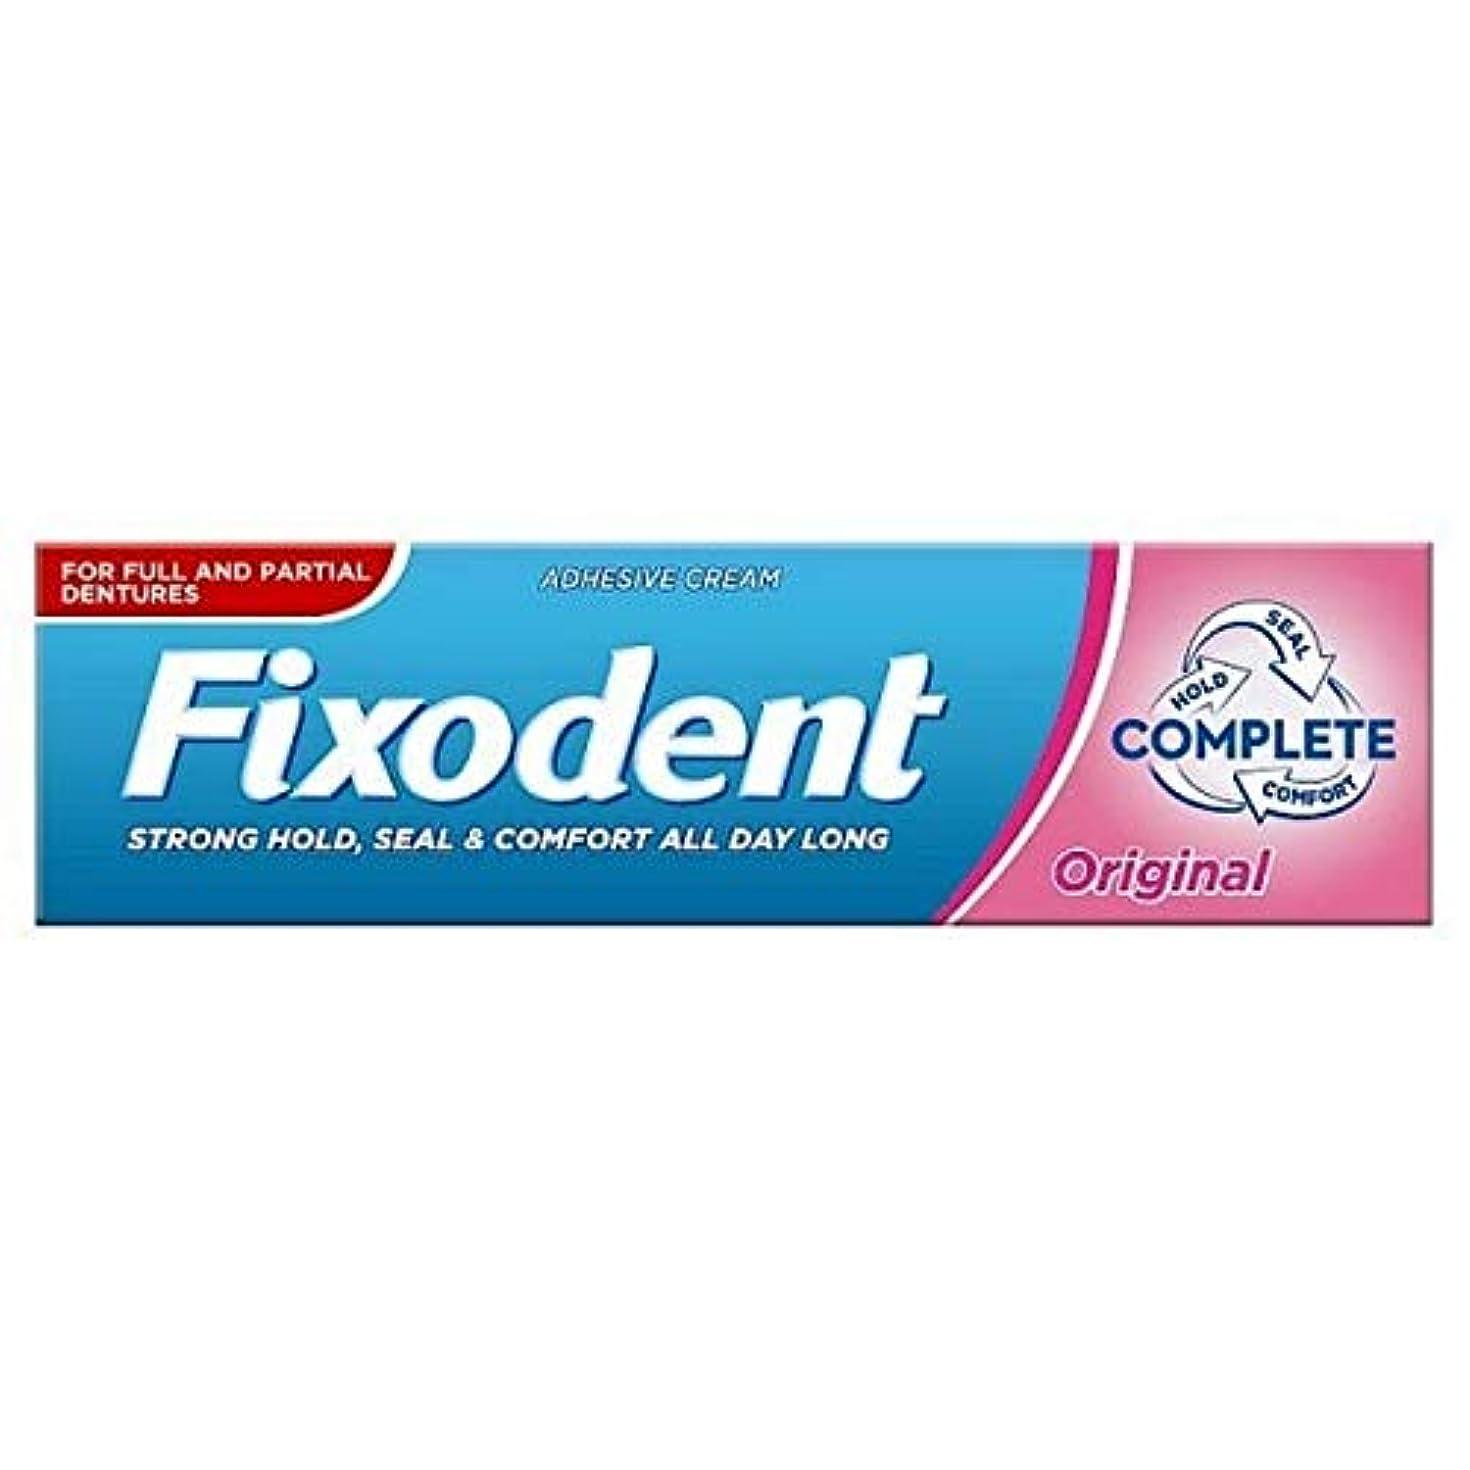 友だち挨拶する氏[Fixodent] Fixodent元義歯接着剤47グラム - Fixodent Original Denture Adhesive 47g [並行輸入品]